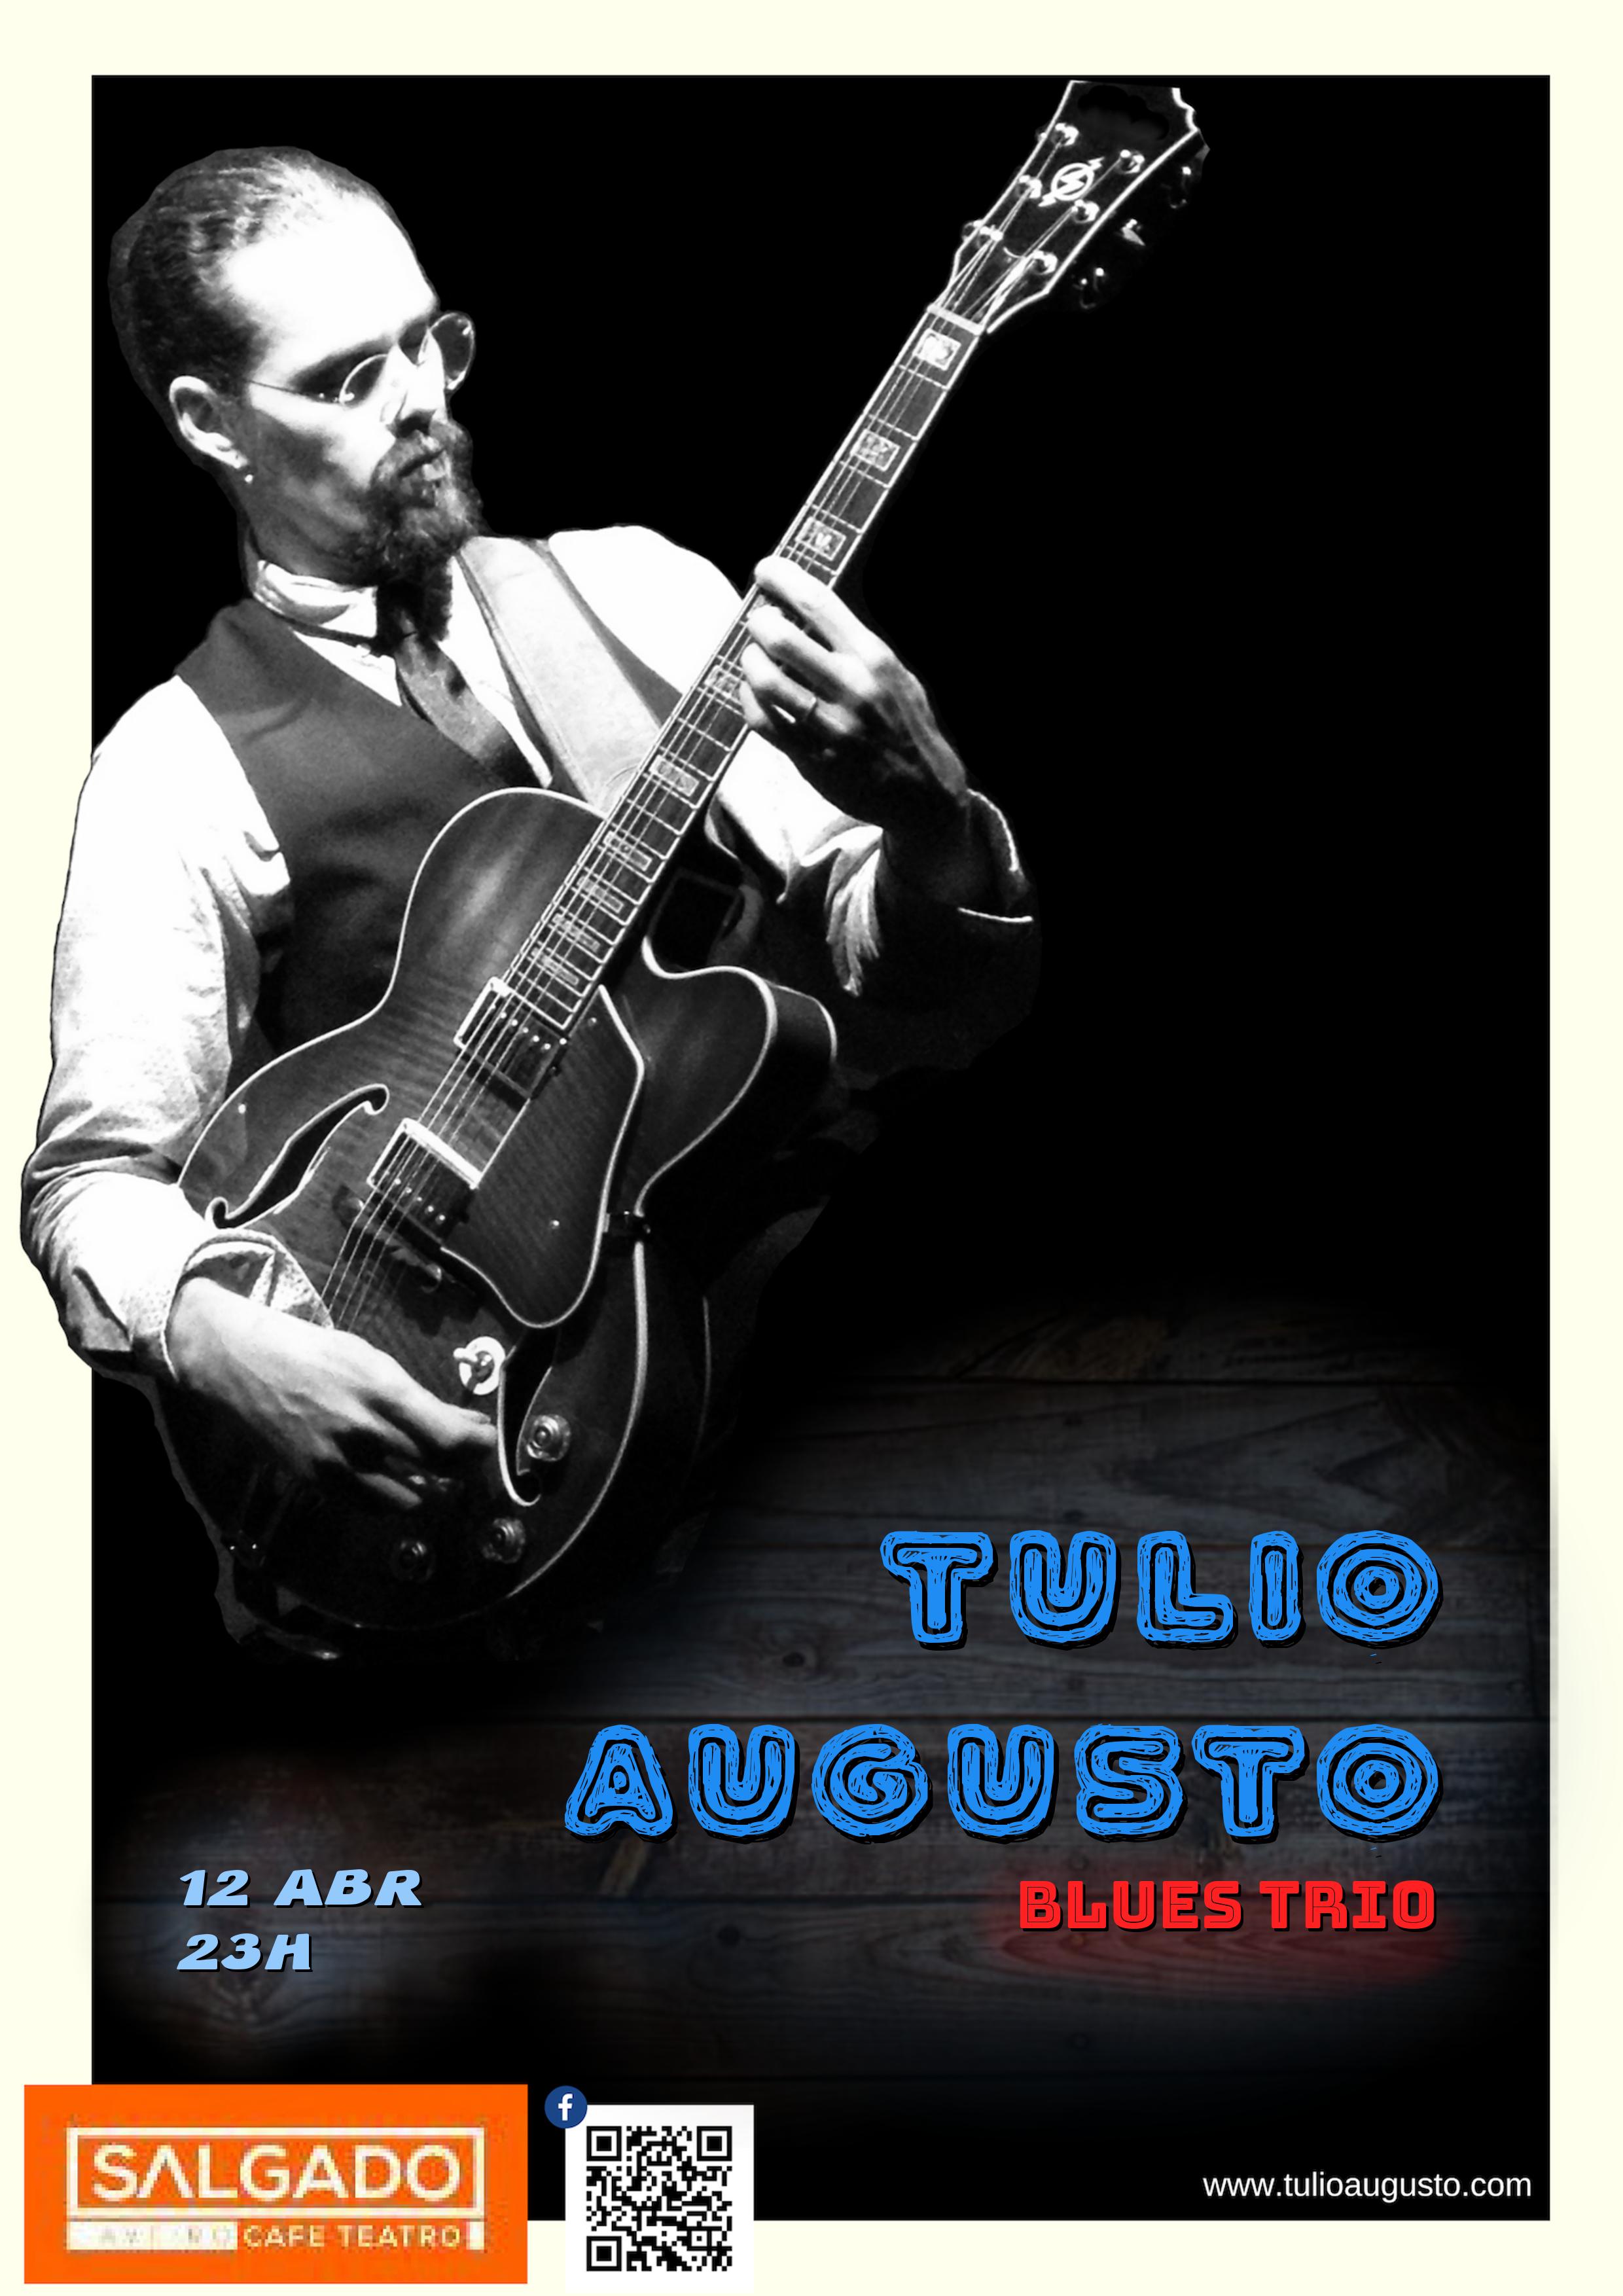 Túlio Augusto Blues Trio_2019_Portugal_Brasil_guitar_harmonica_jazz.png